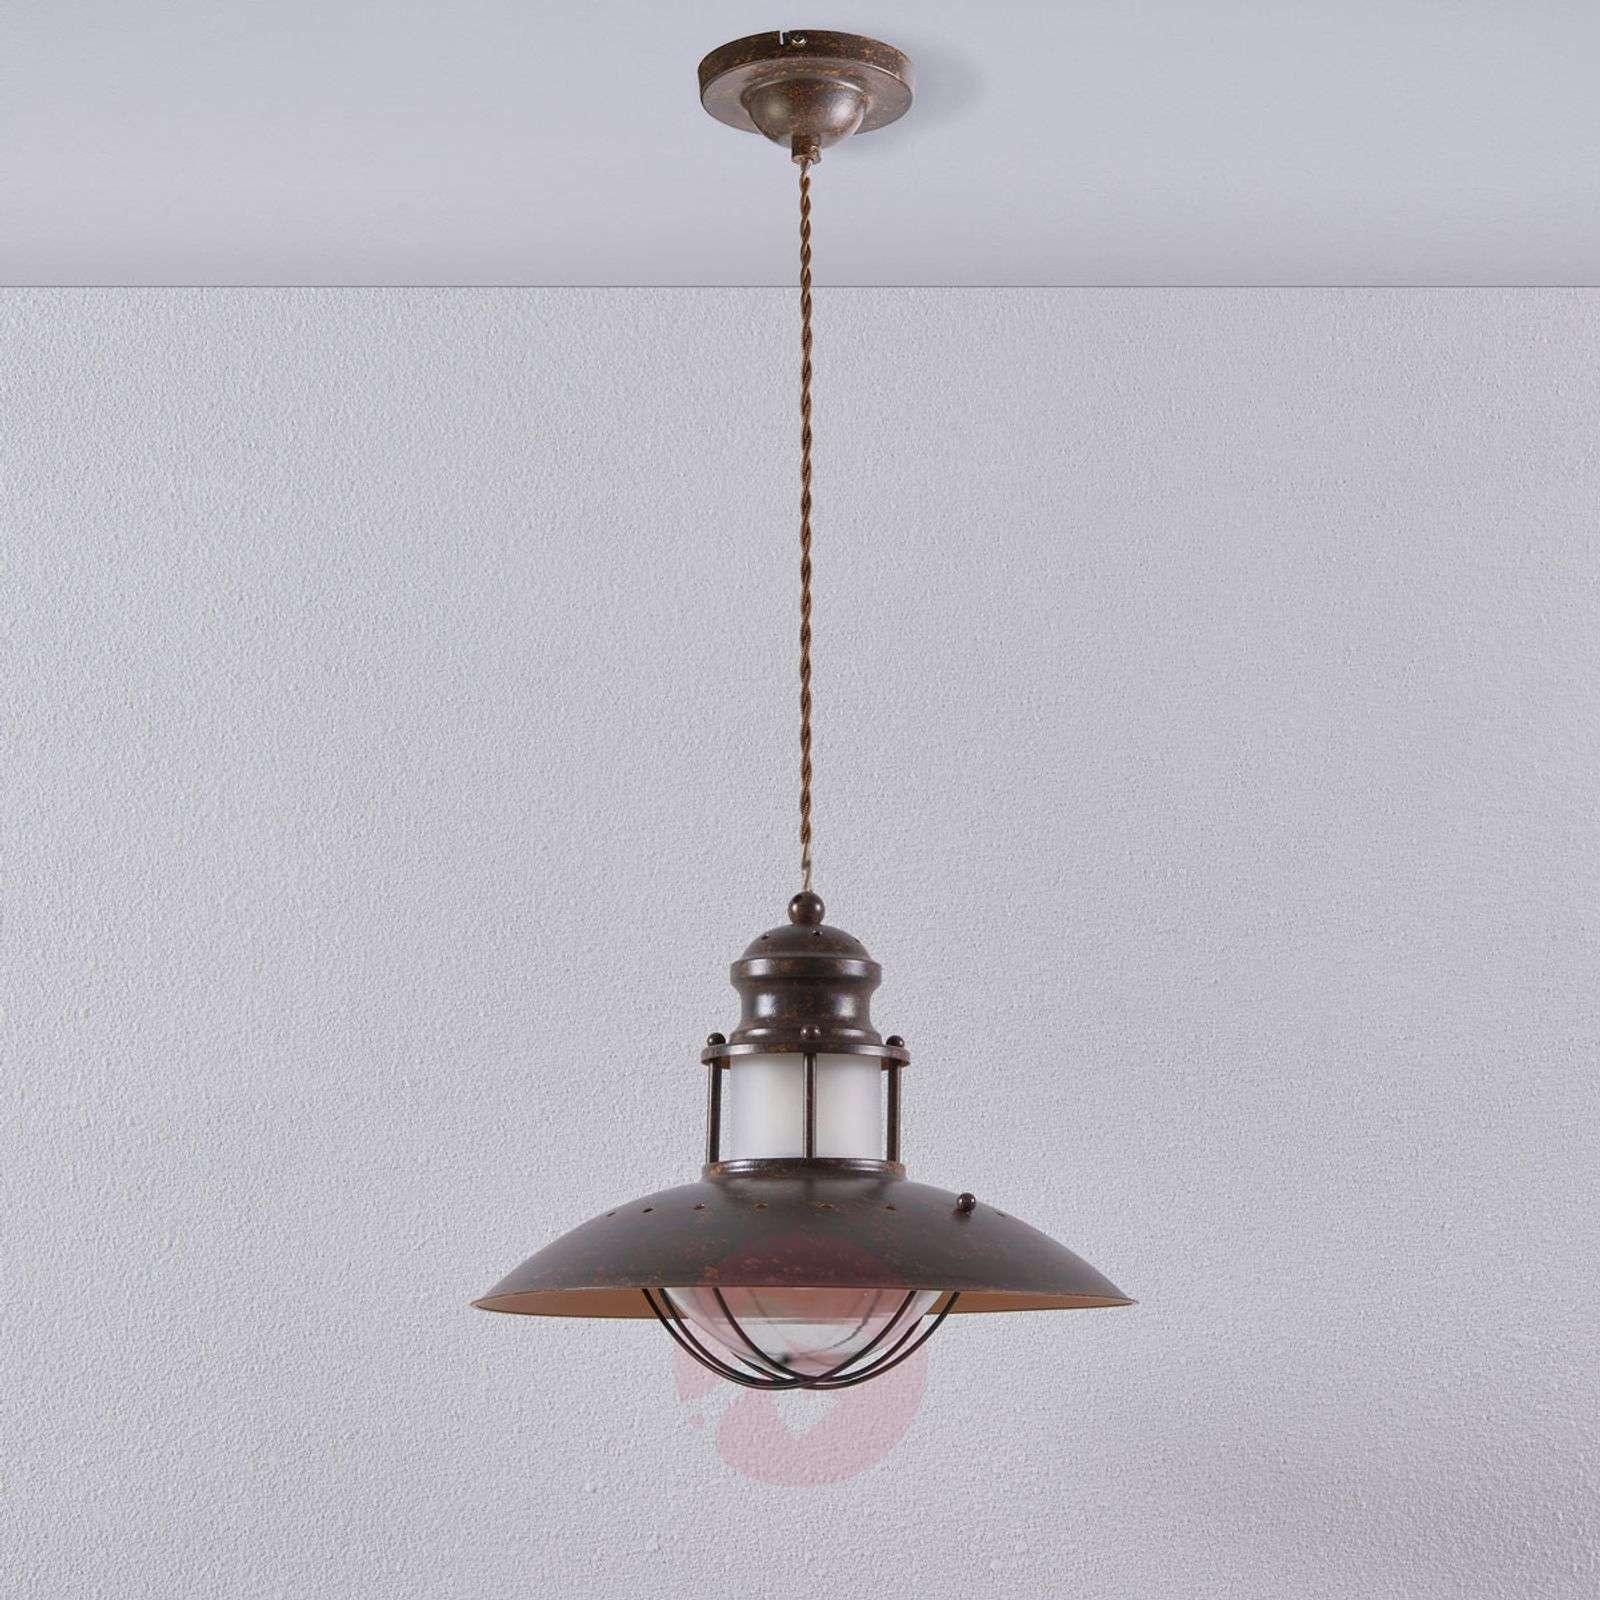 Rustic Louisanne pendant lamp in brown-9621017-02